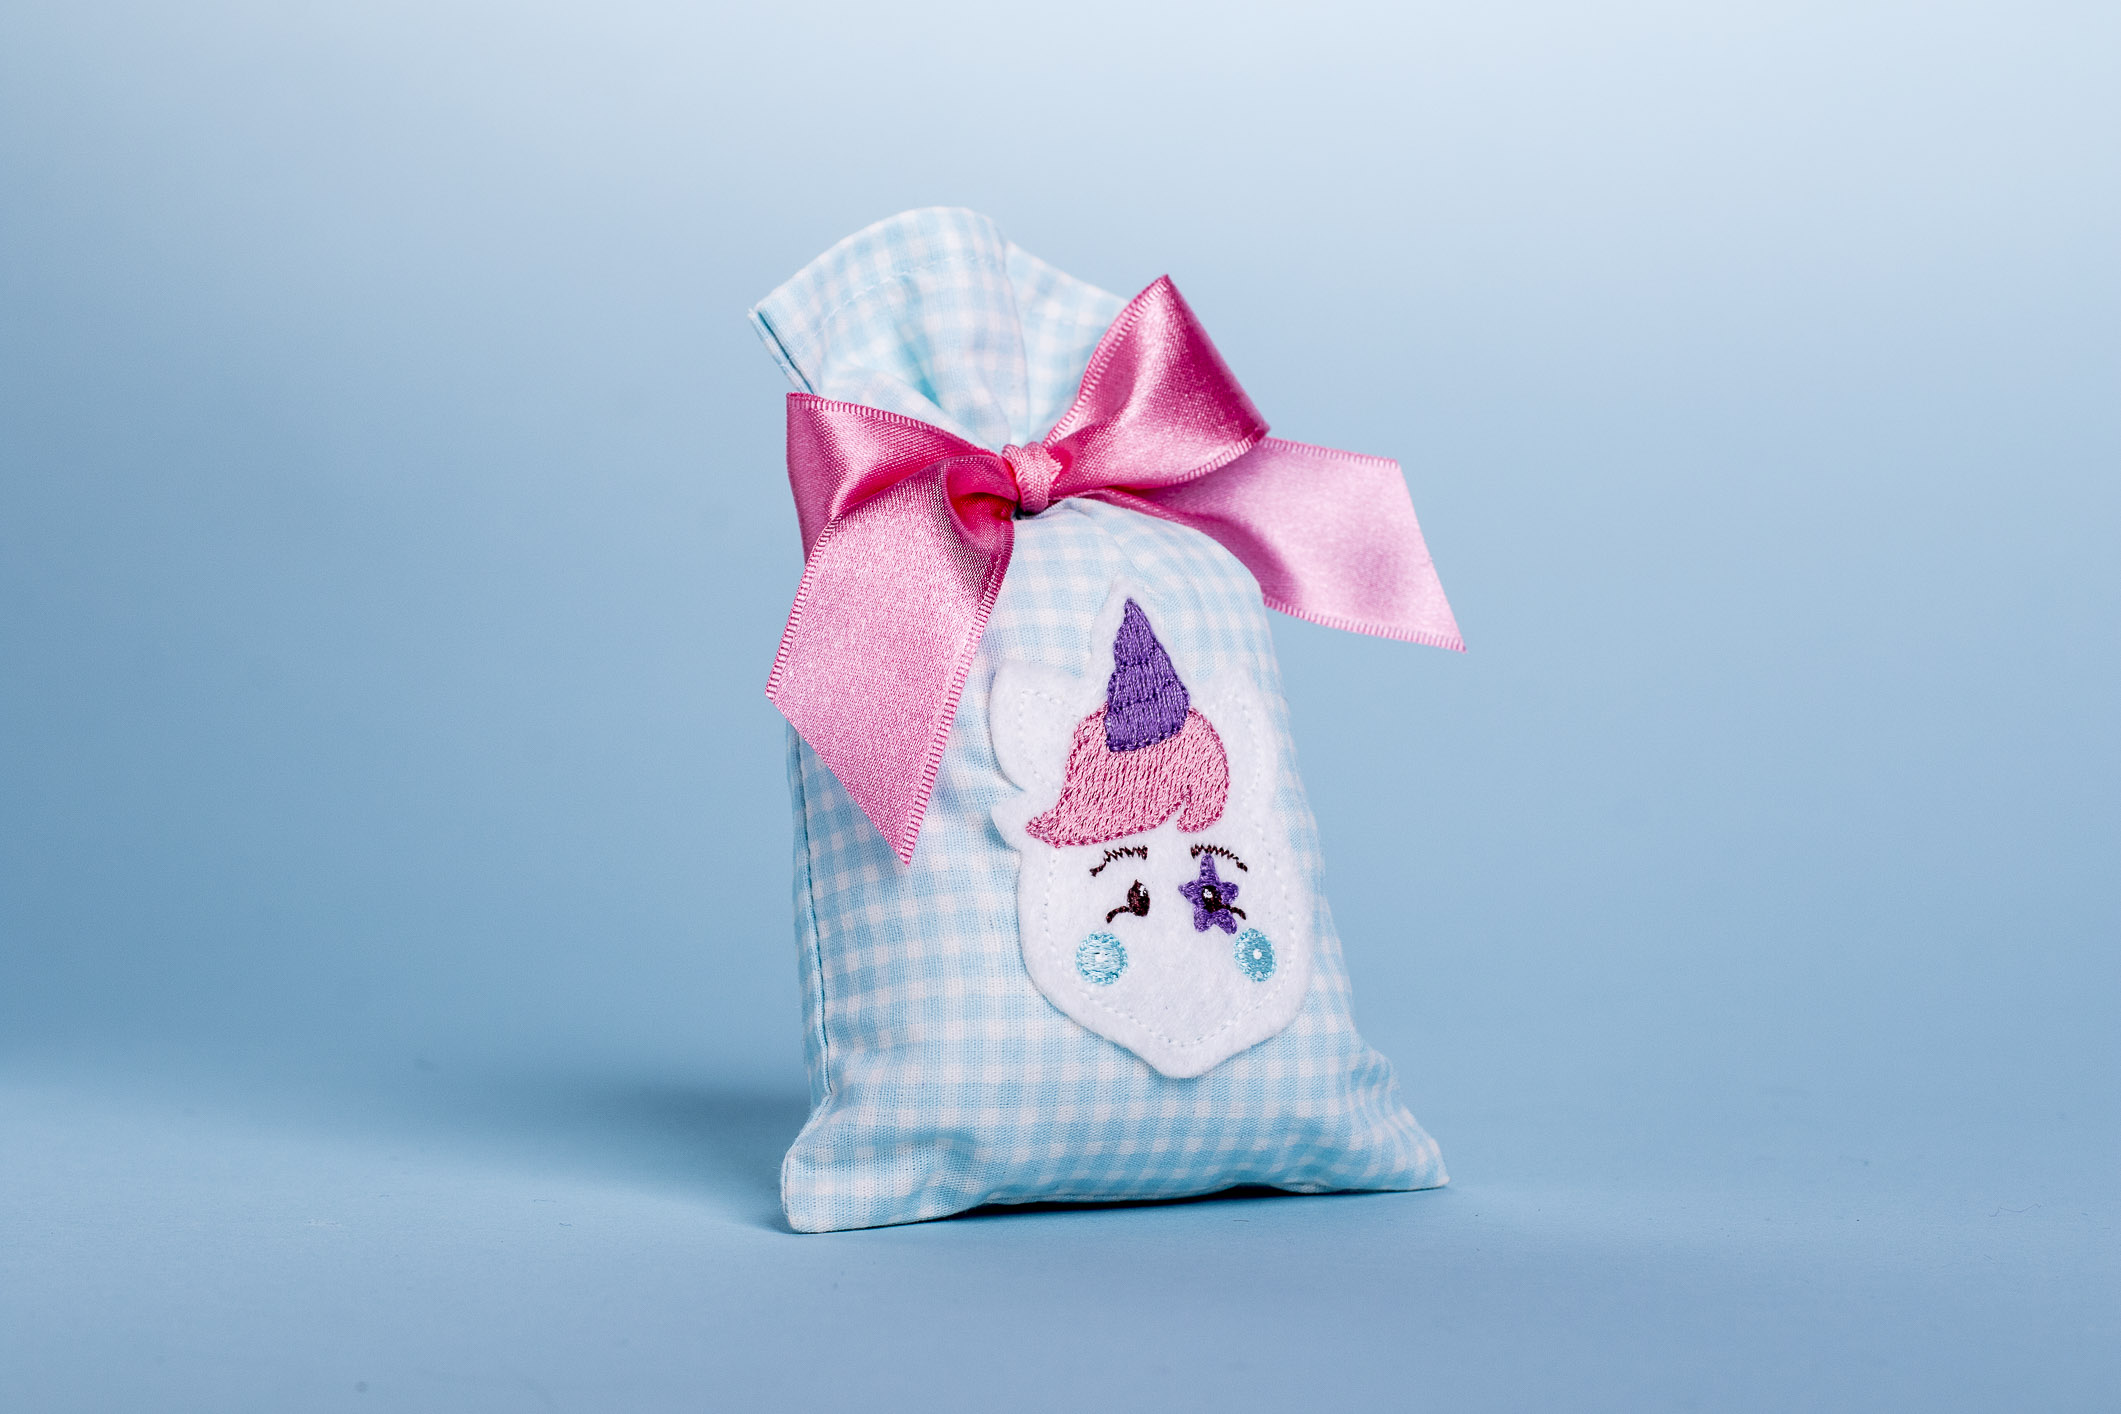 Desenvolva lembrancinhas de maternidade que dão um toque especial à chegada do bebê